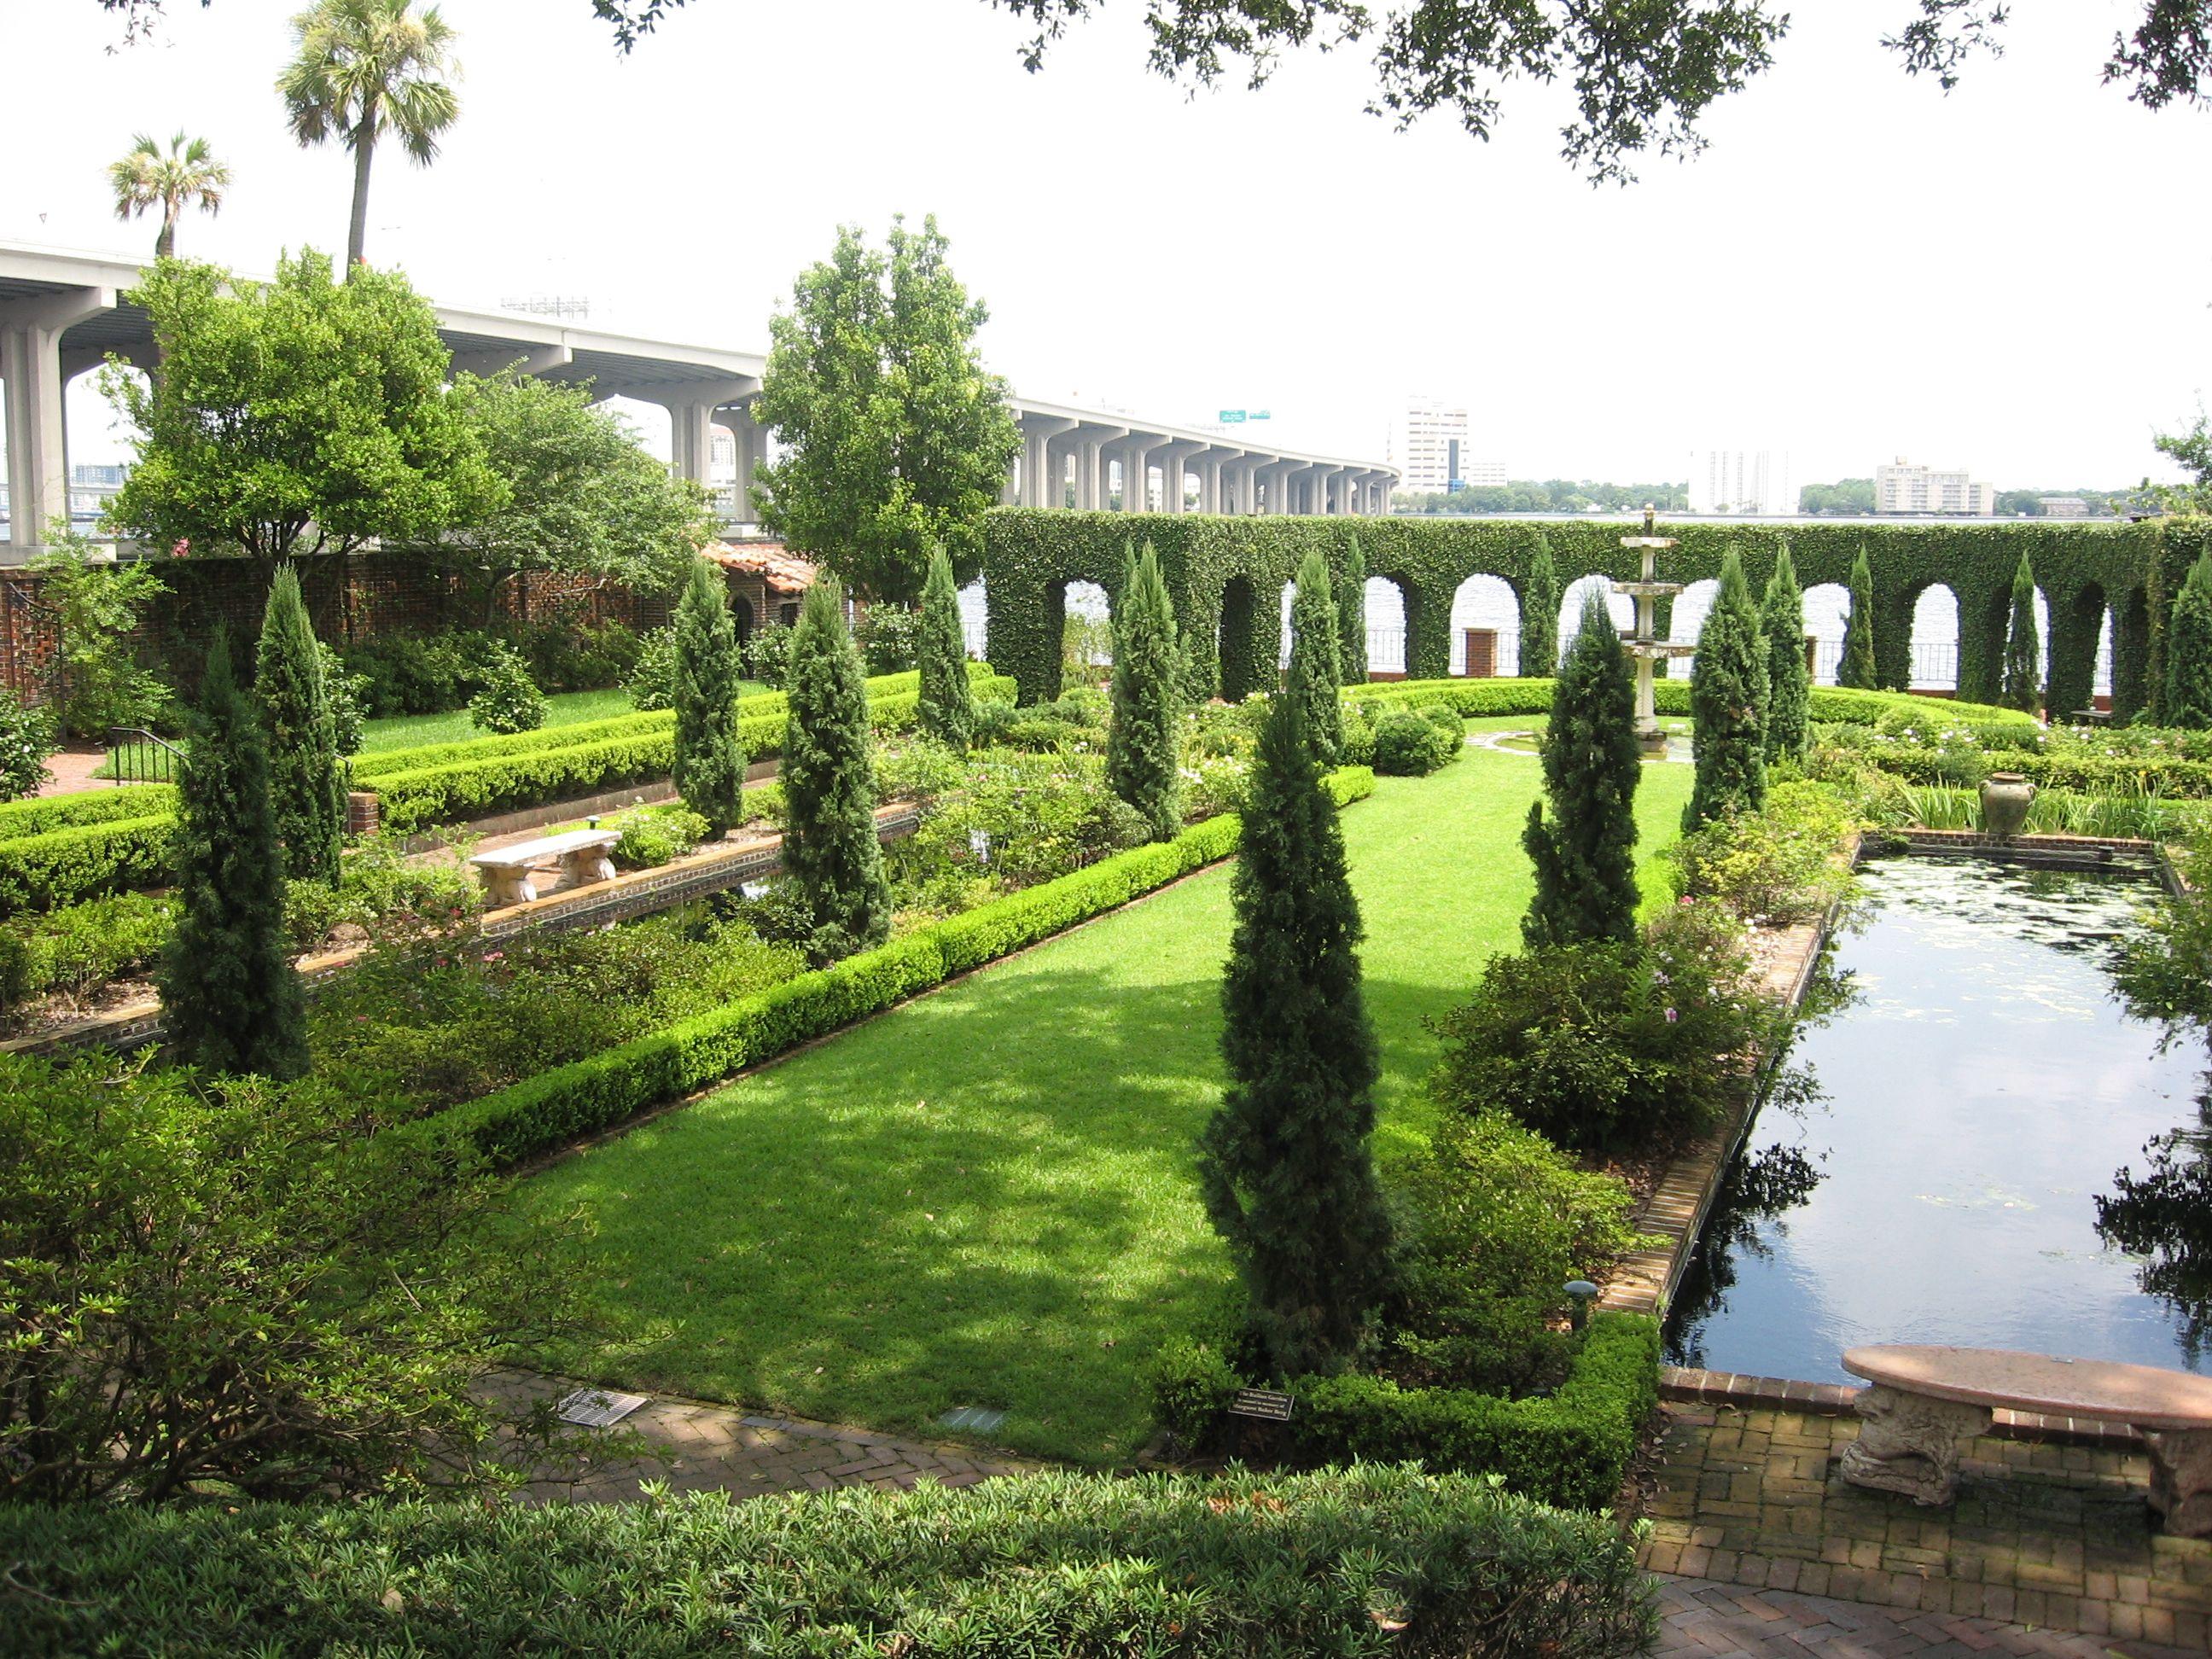 9820713ec0bd5478c6de5a17c787fd67 - The Museum And Gardens Jacksonville Fl